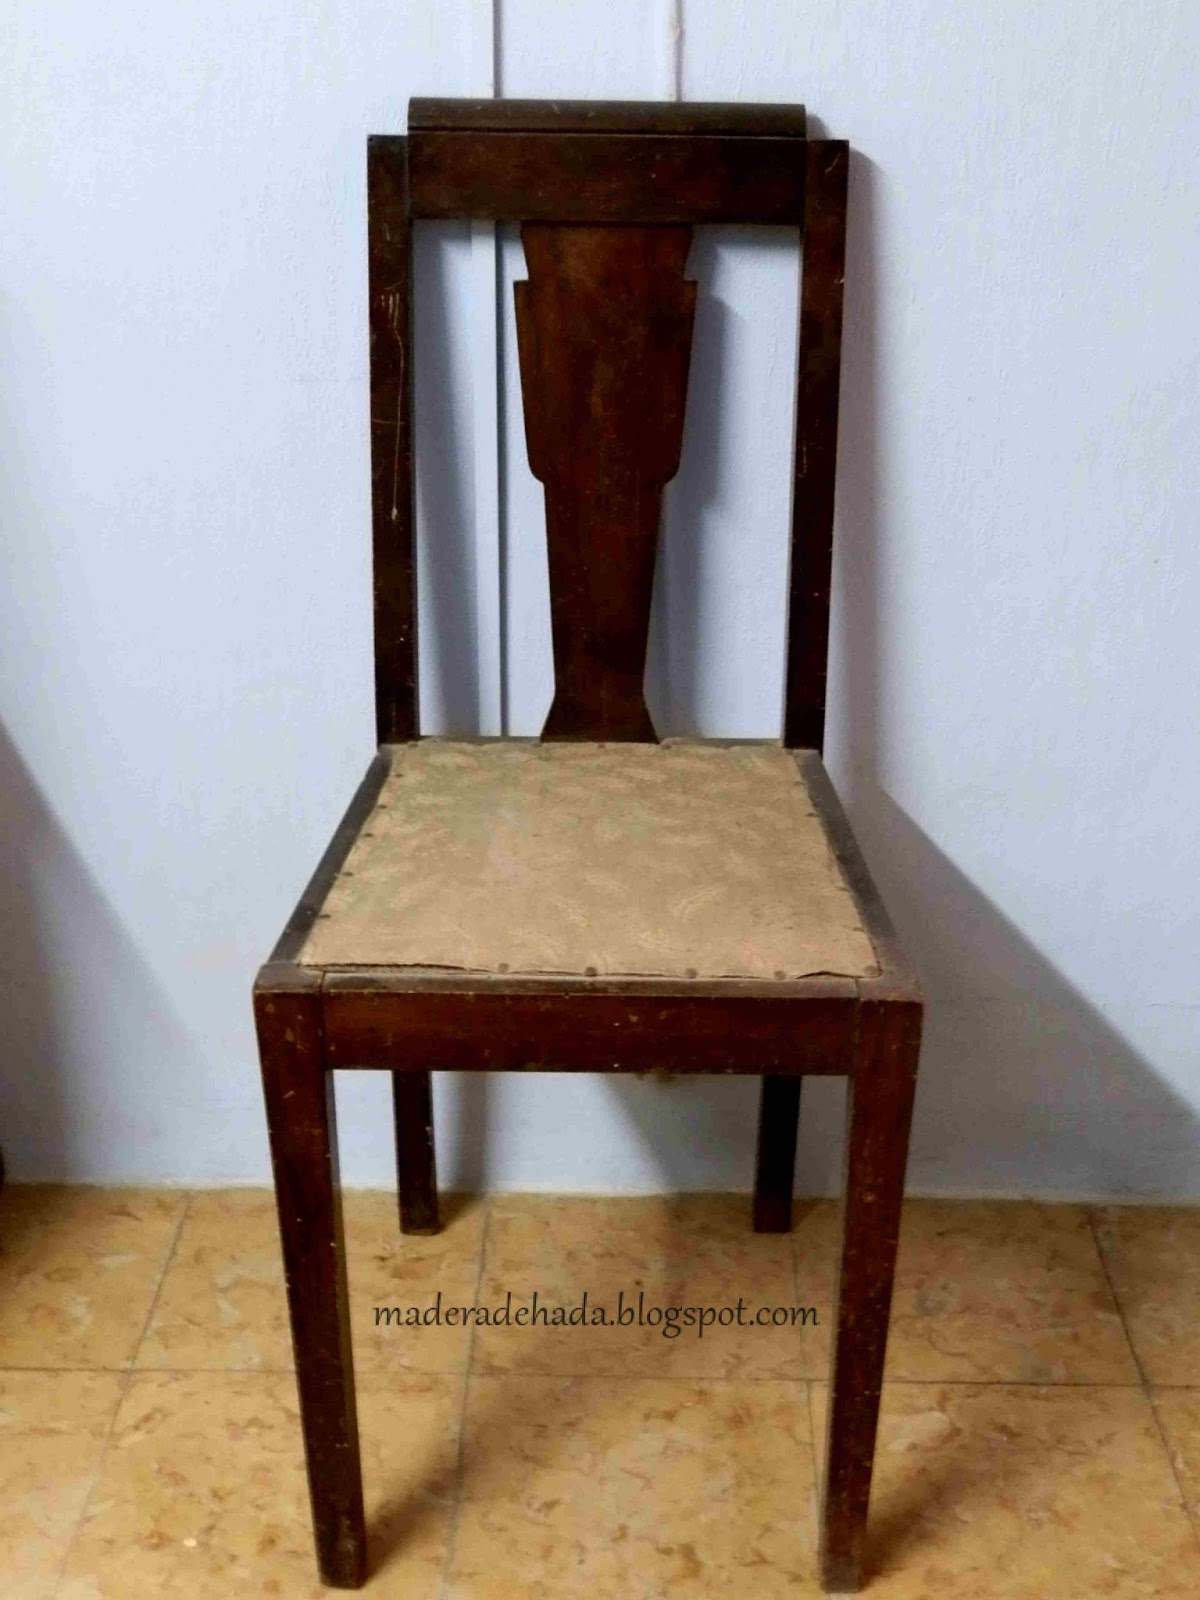 Silla de estilo art d co madera de hada for Sillas de estilo